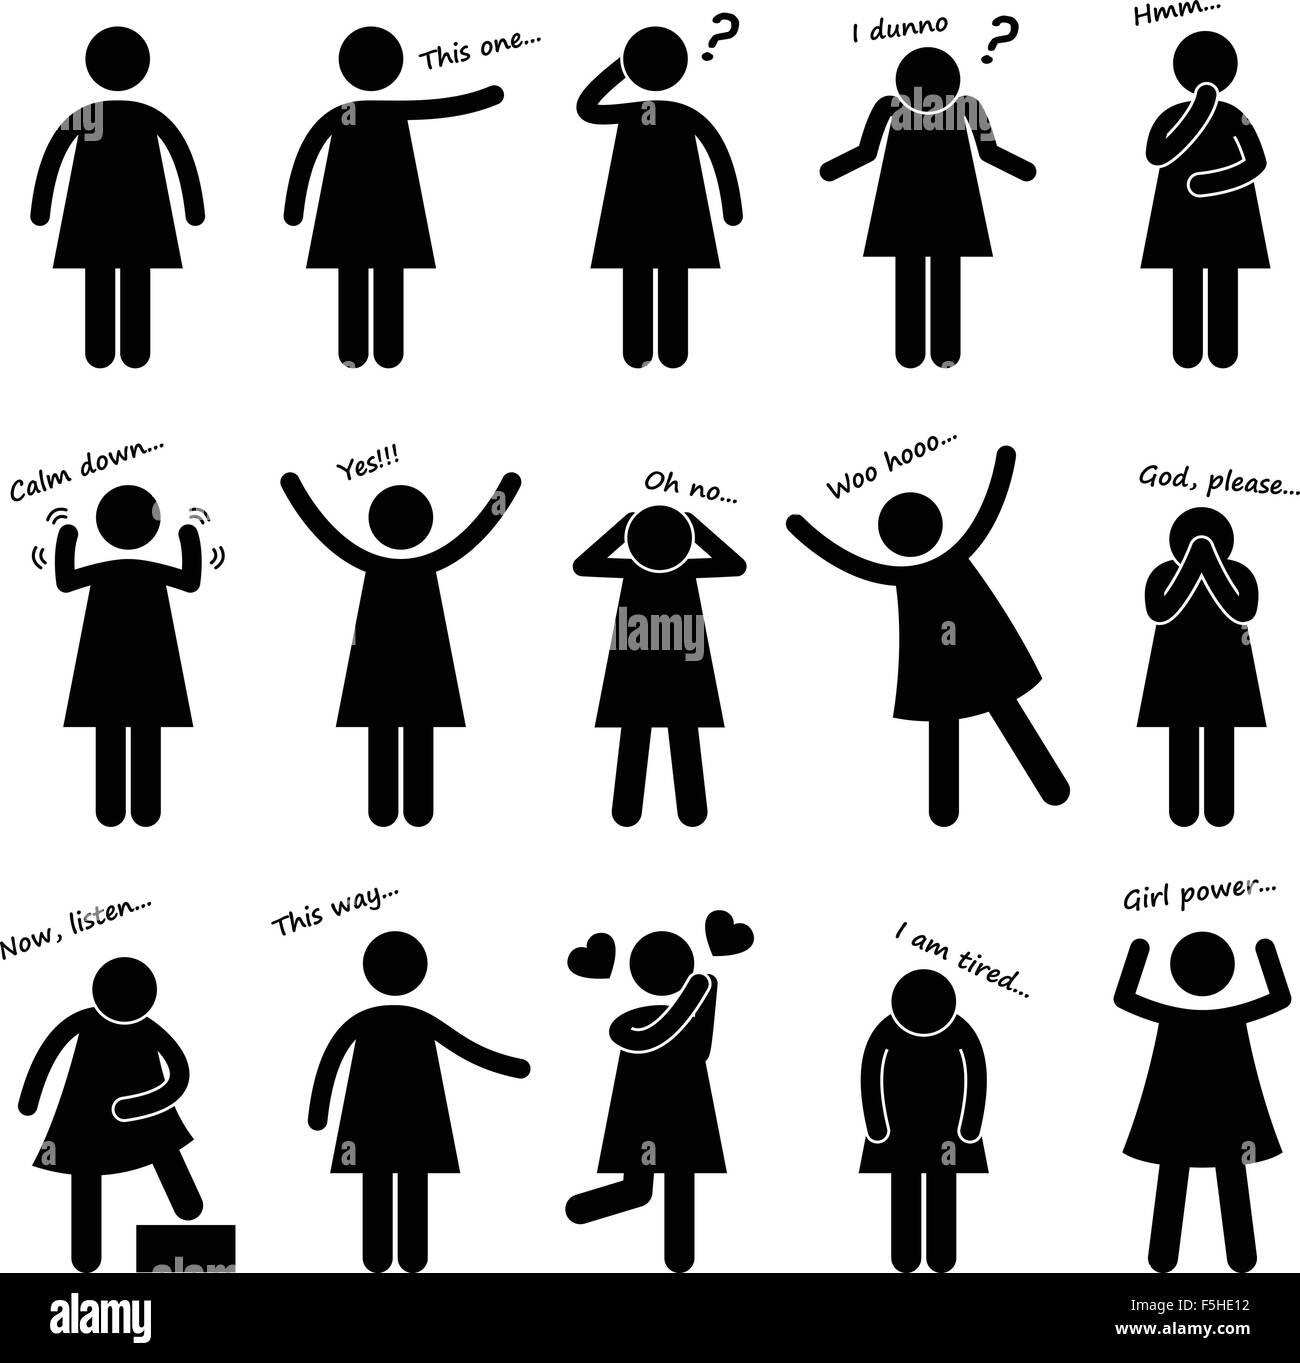 Frau Mädchen Weibliche Person Grundlegende Körpersprache